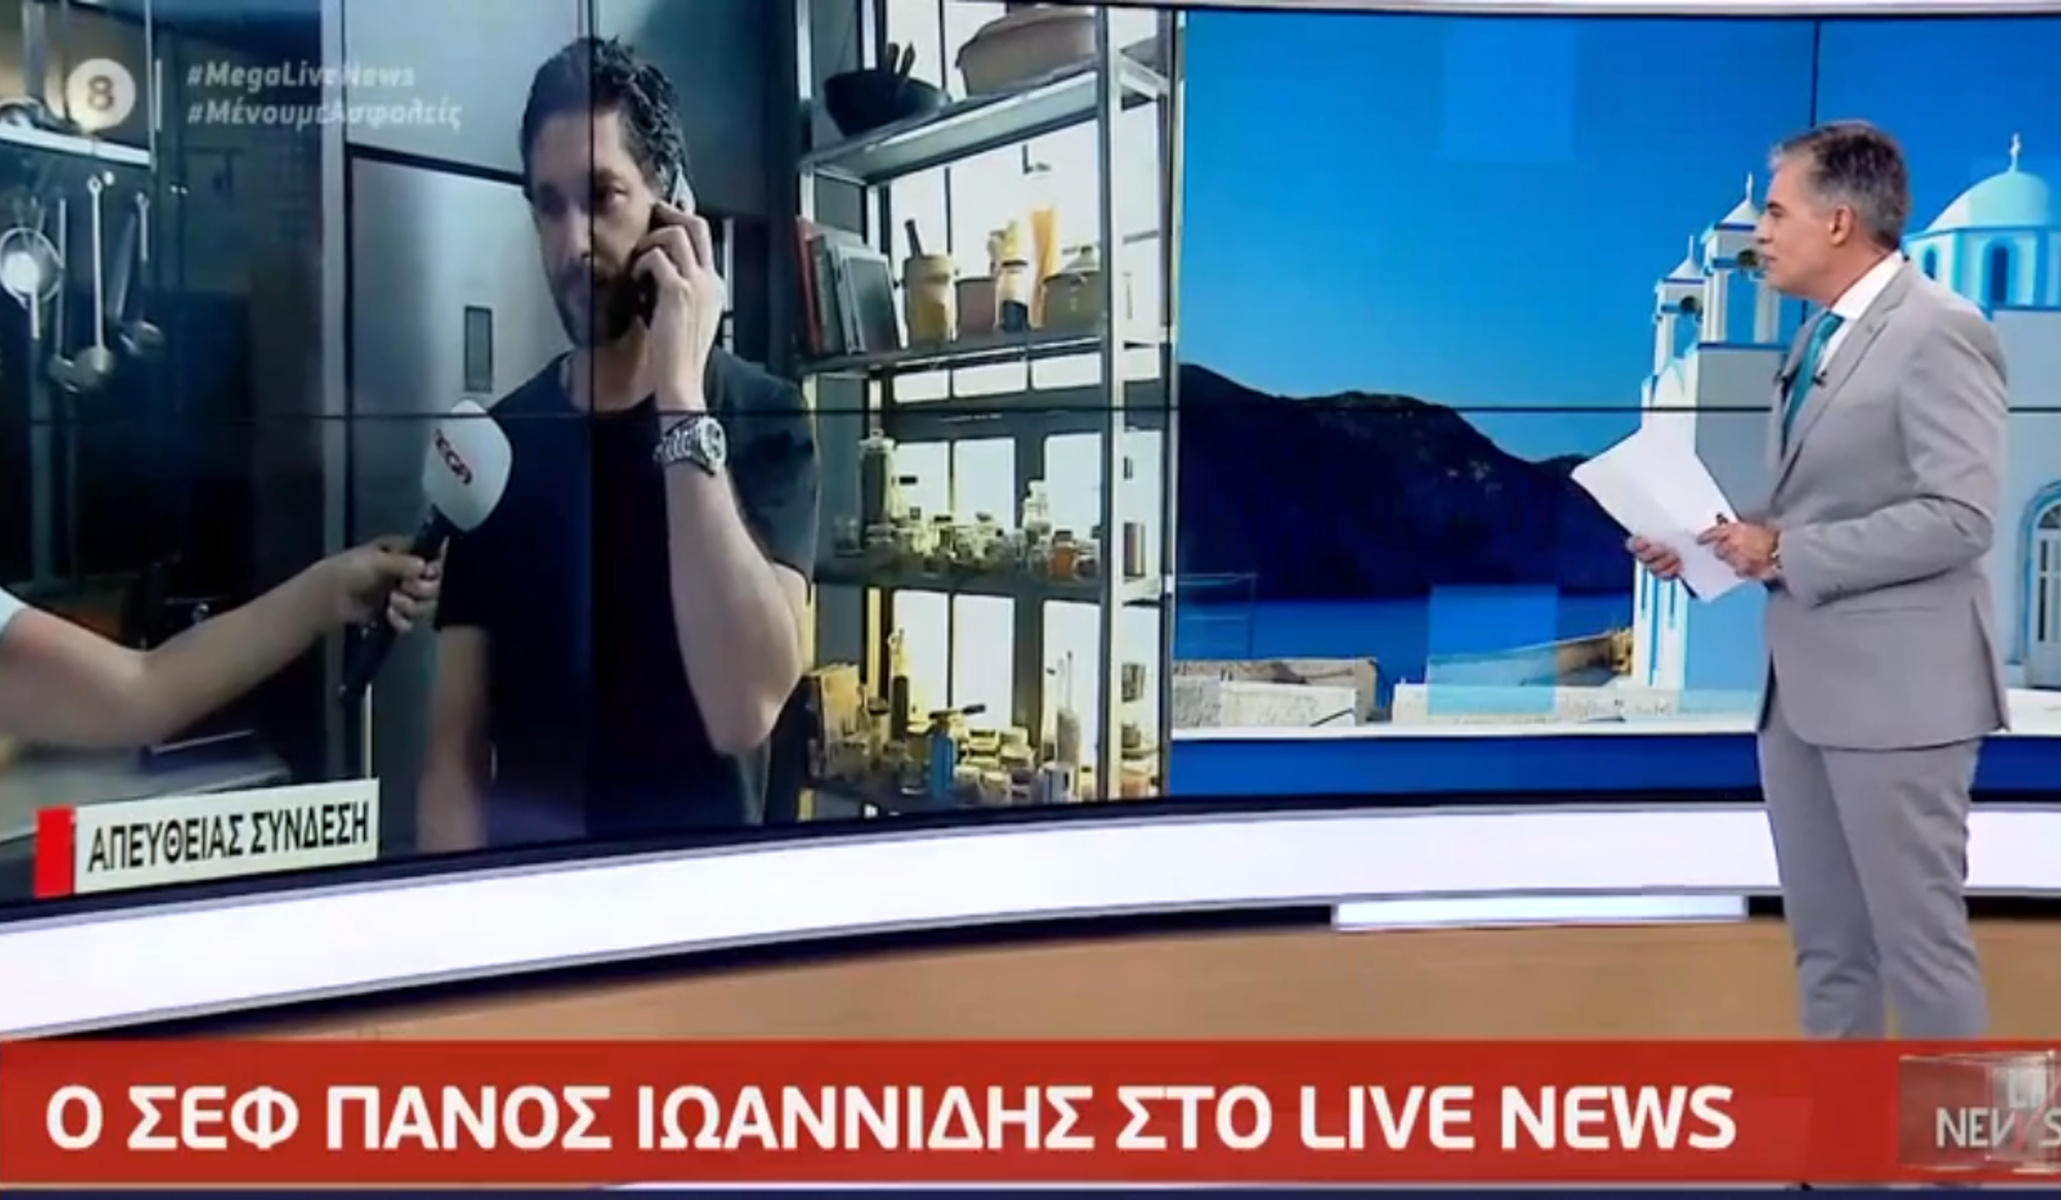 Ο σεφ Ιωαννίδης στο Live News:«Τα μικρά μαγαζιά του κέντρου θα πληγούν περισσότερο»